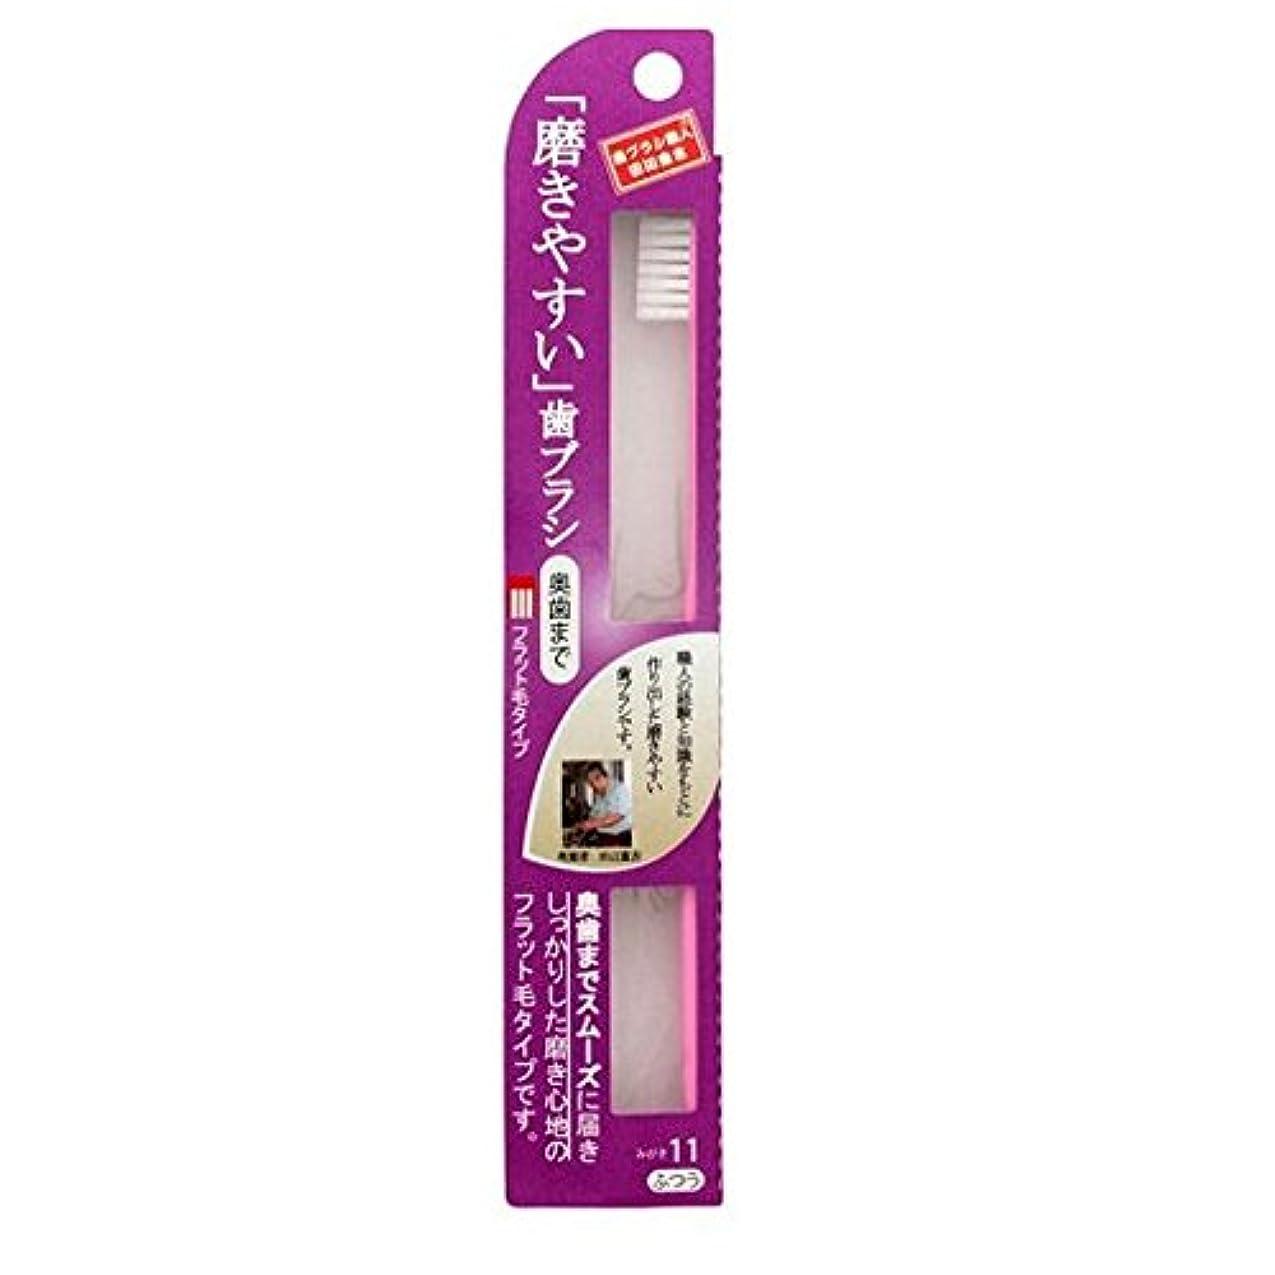 ドローパラシュートルネッサンス磨きやすい歯ブラシ(奥歯まで)フラット LT-11